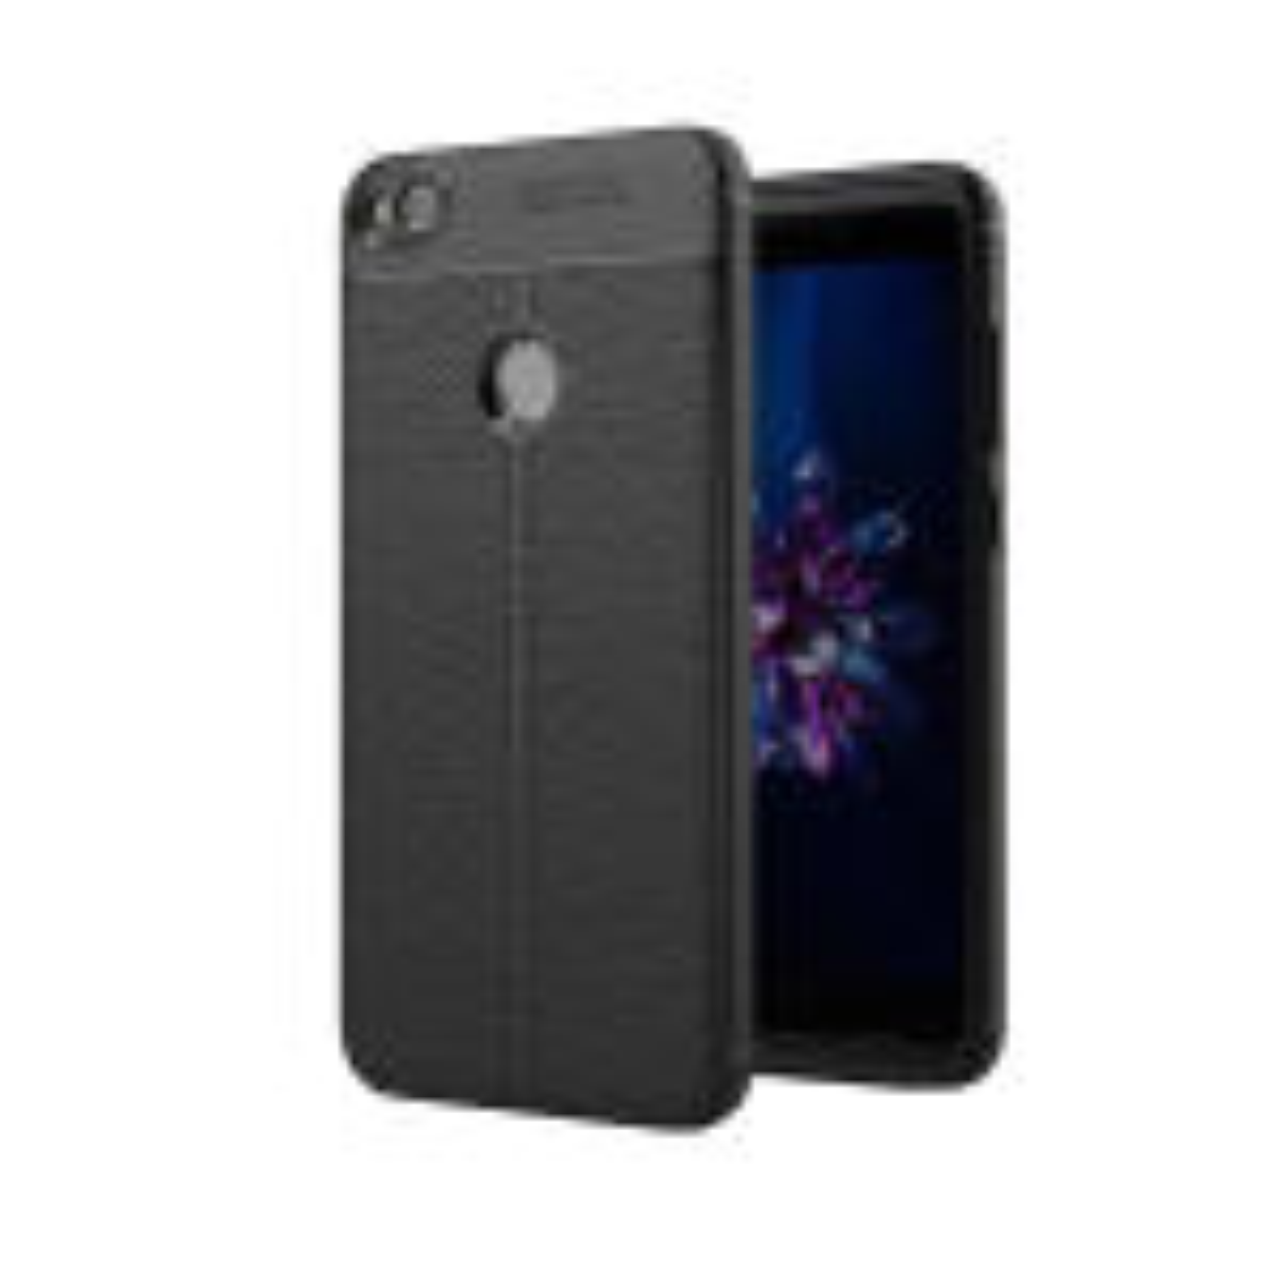 کاور مورفی مدل Auto7 مناسب برای گوشی موبایل آنر 8 Lite thumb